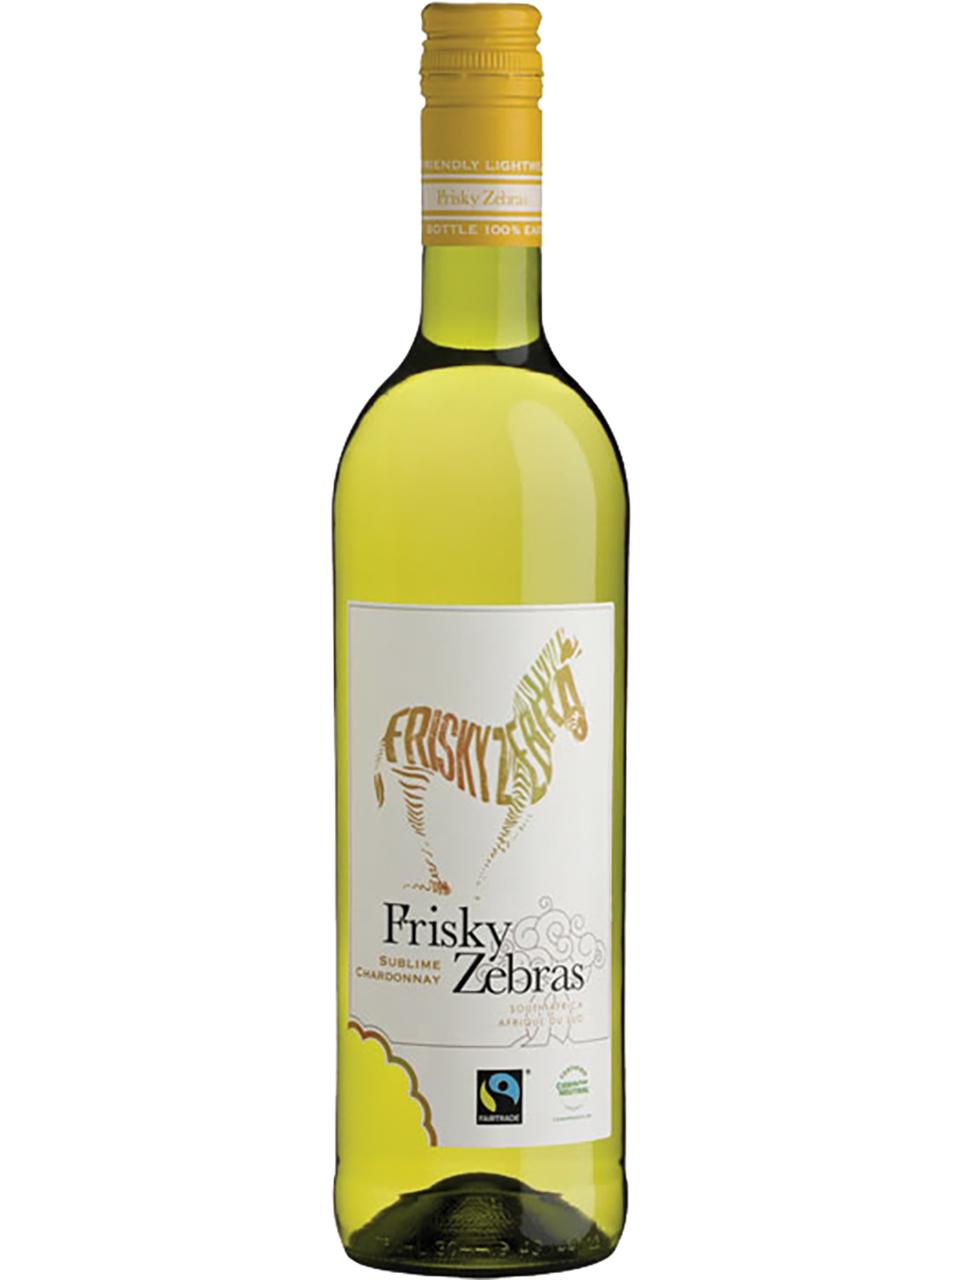 Frisky Zebras Sublime Chardonnay